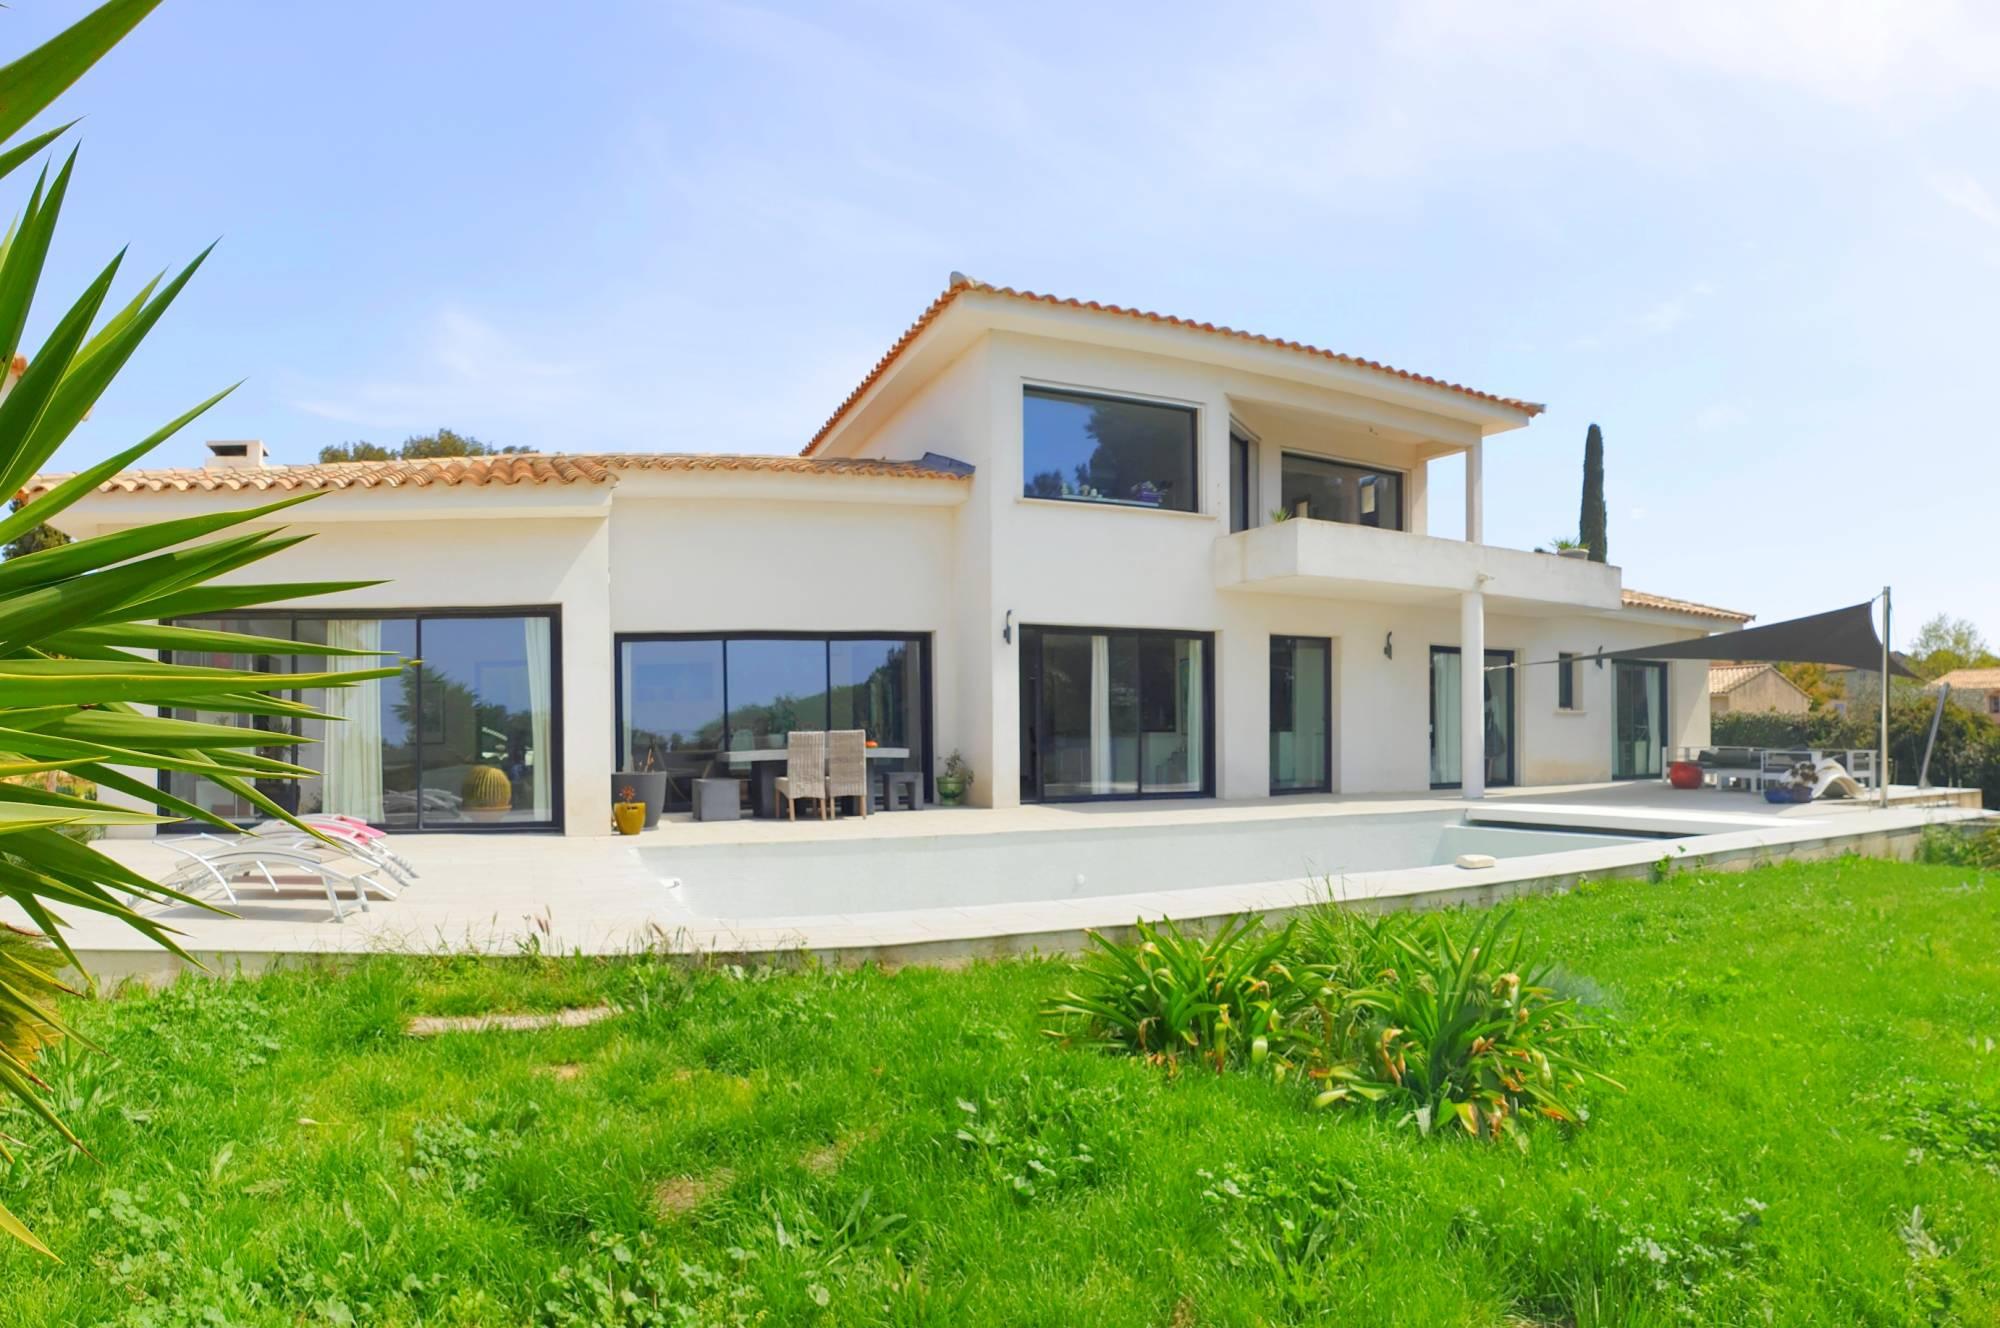 Villa Californienne Ave Piscine Et Maison Annexe Independante A